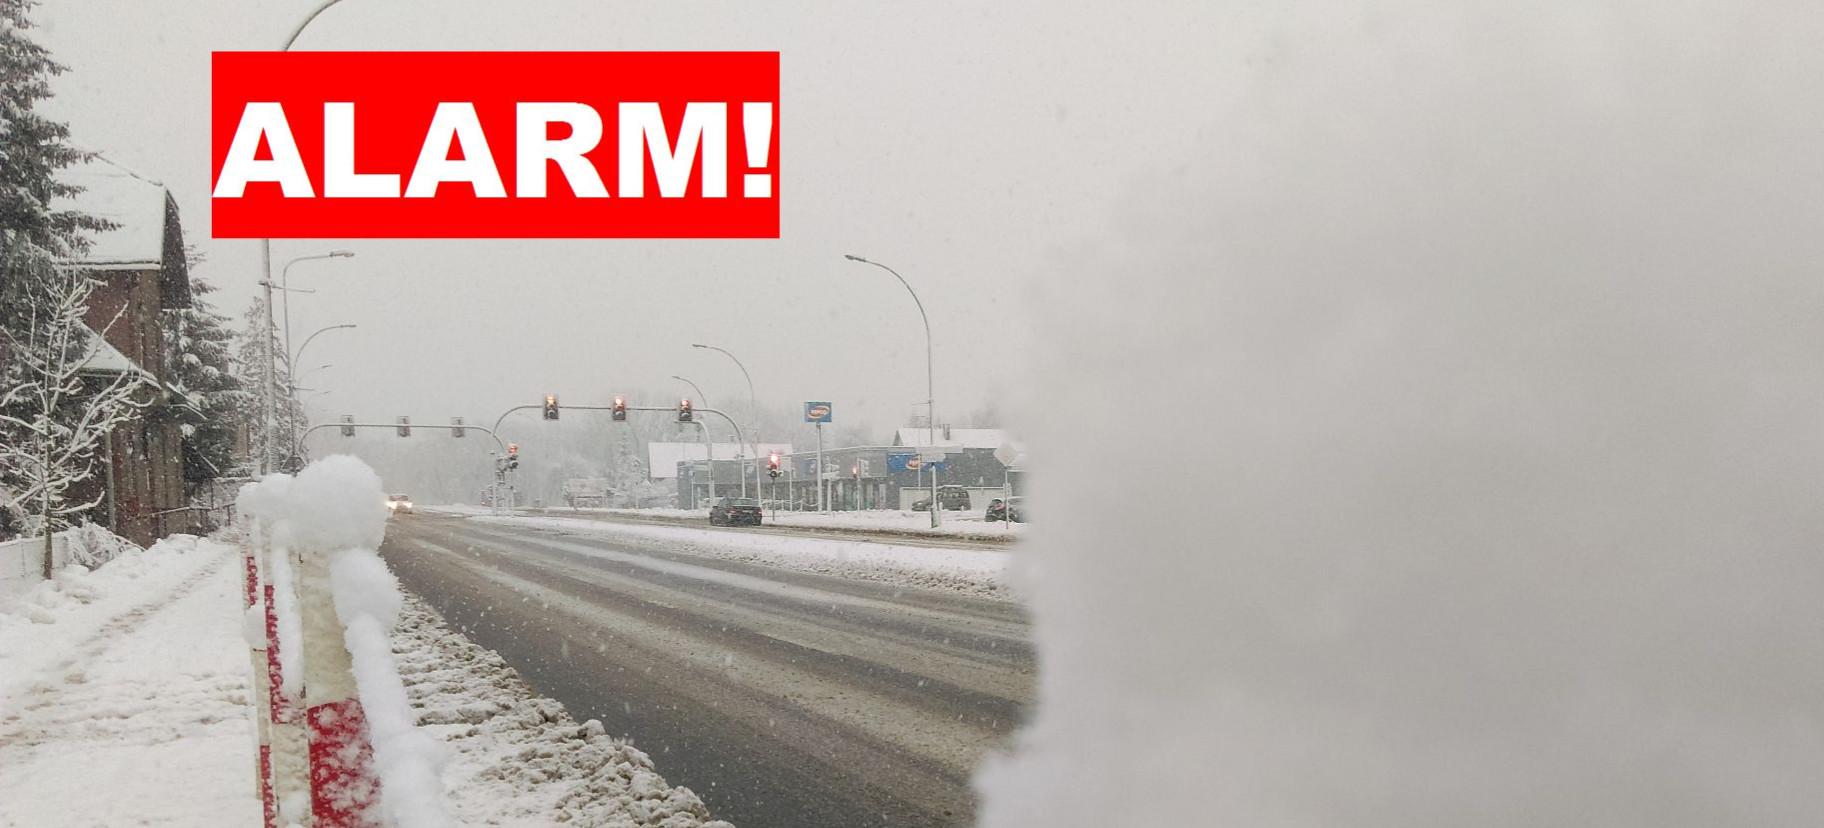 Aktualizacja alertu! Intensywne opady śniegu jeszcze w nocy!